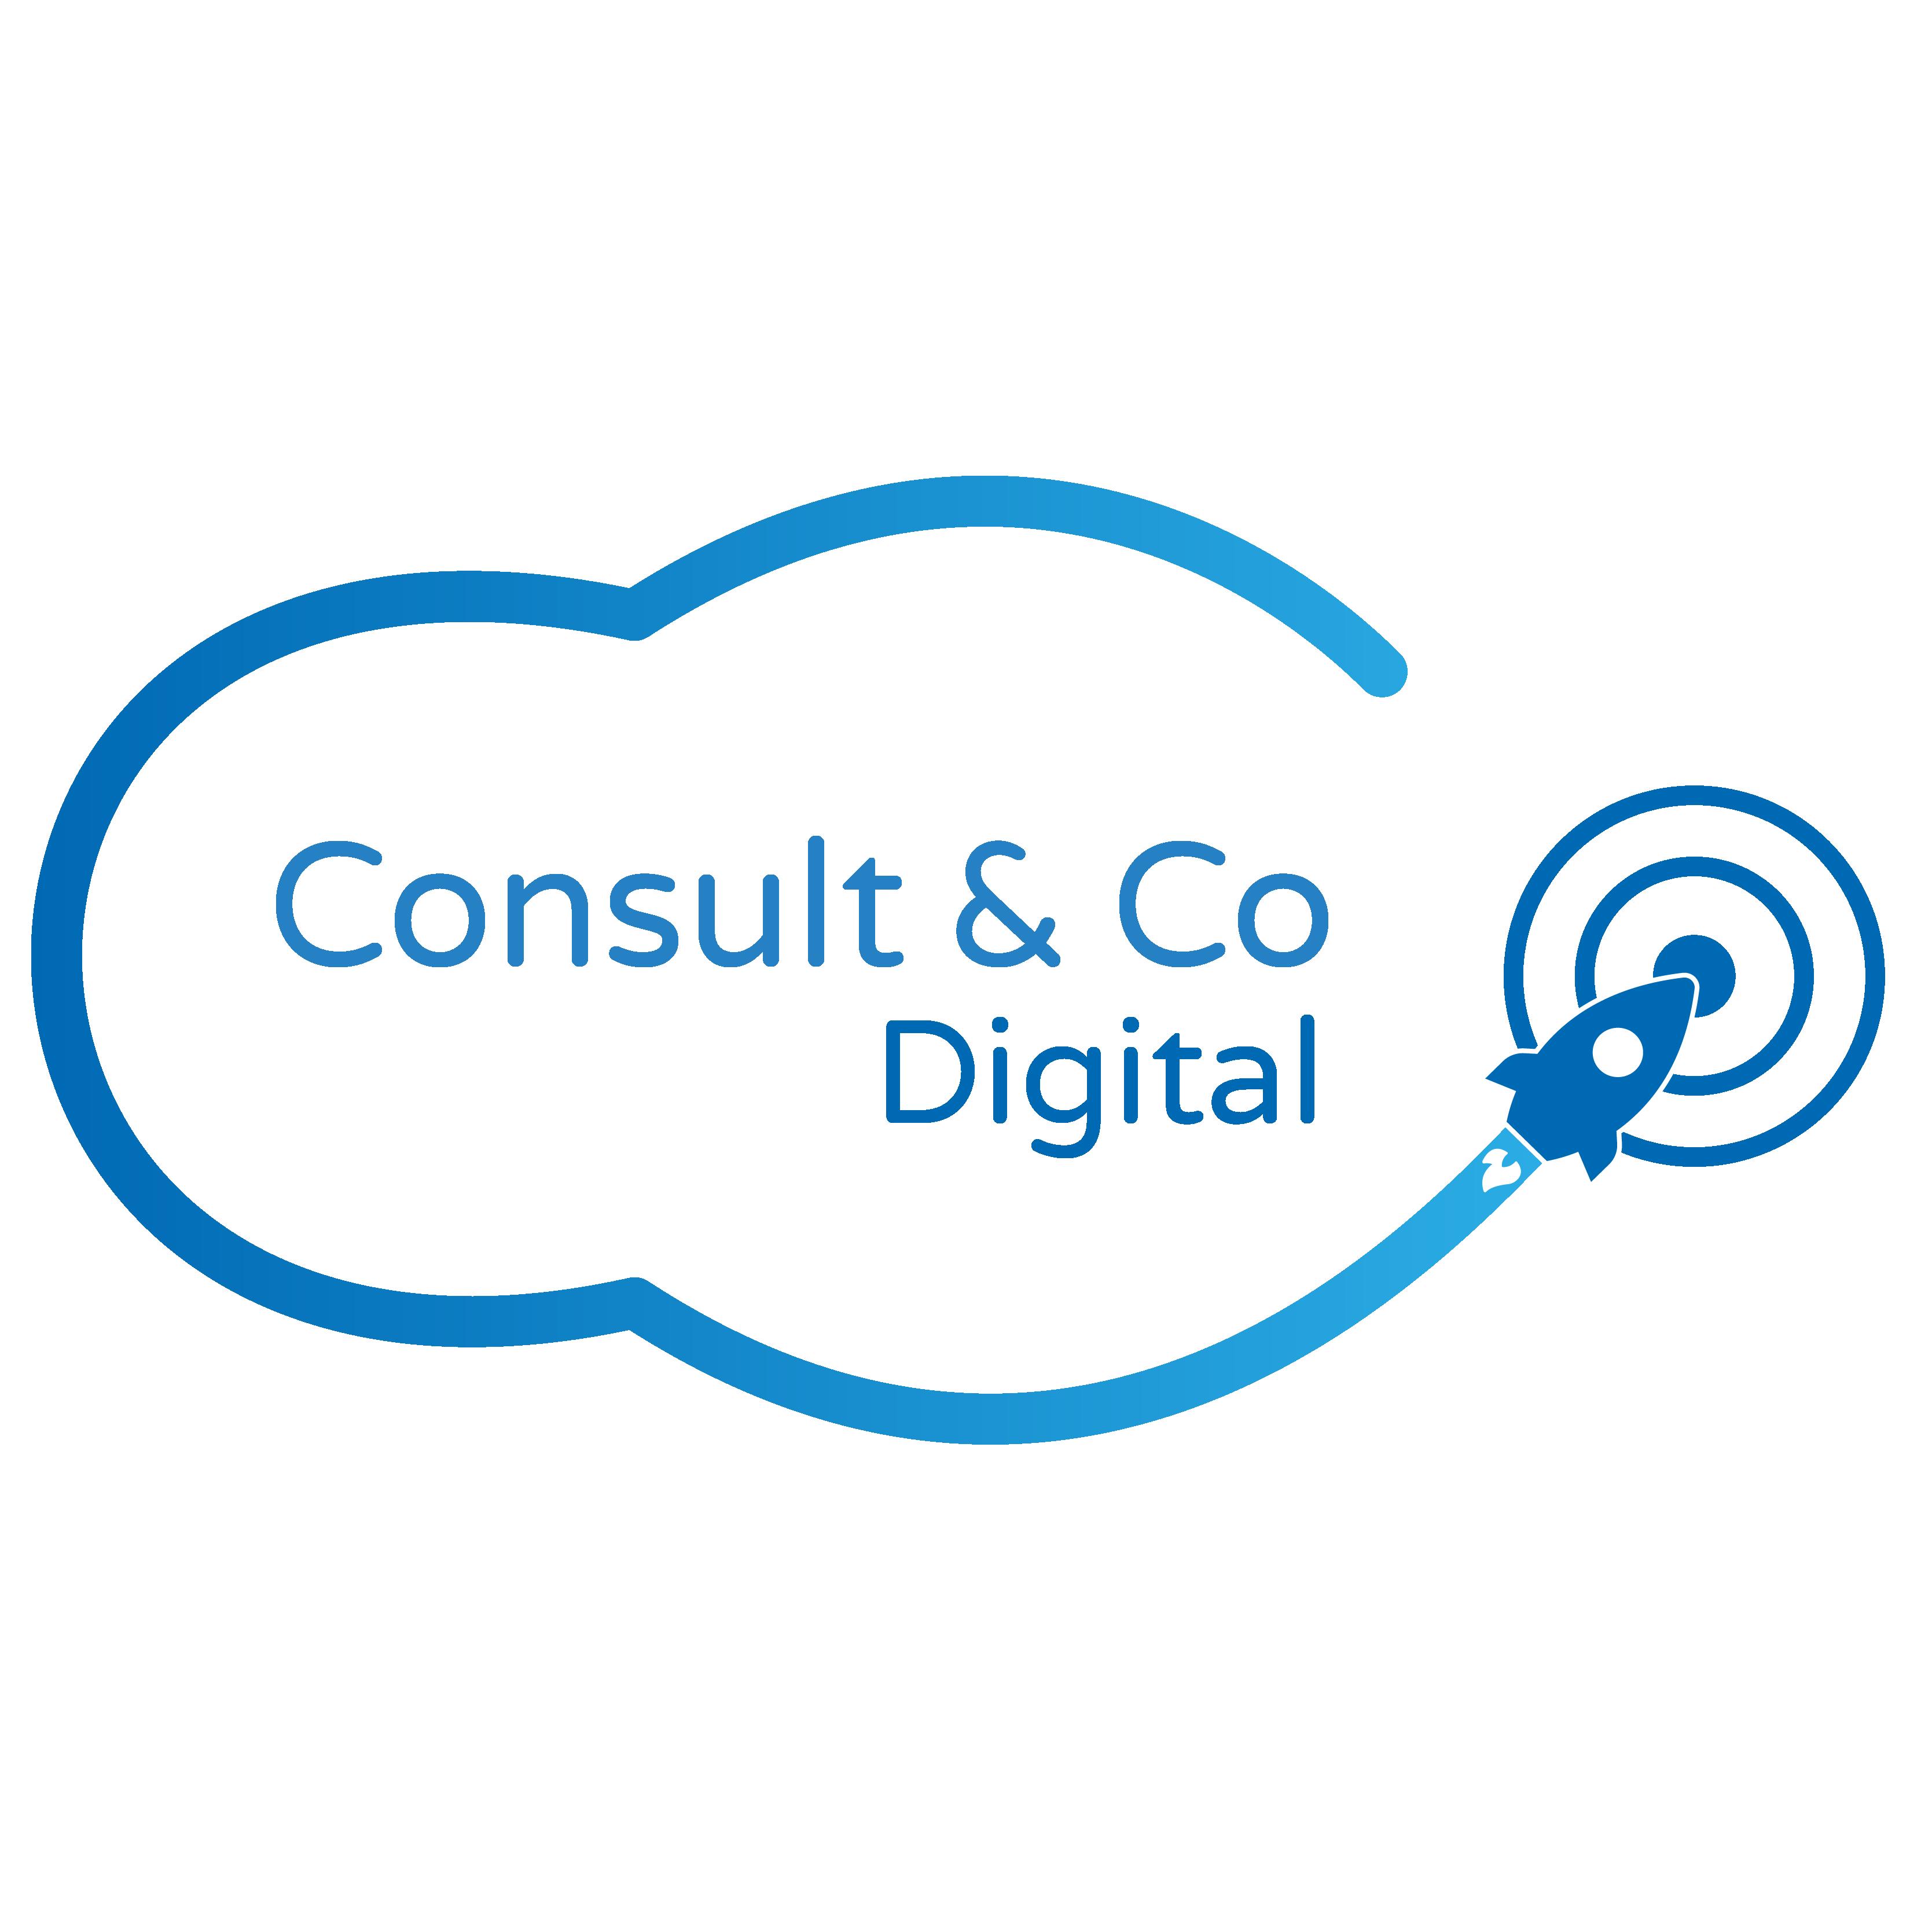 Entreprise spécialisée dans le digital